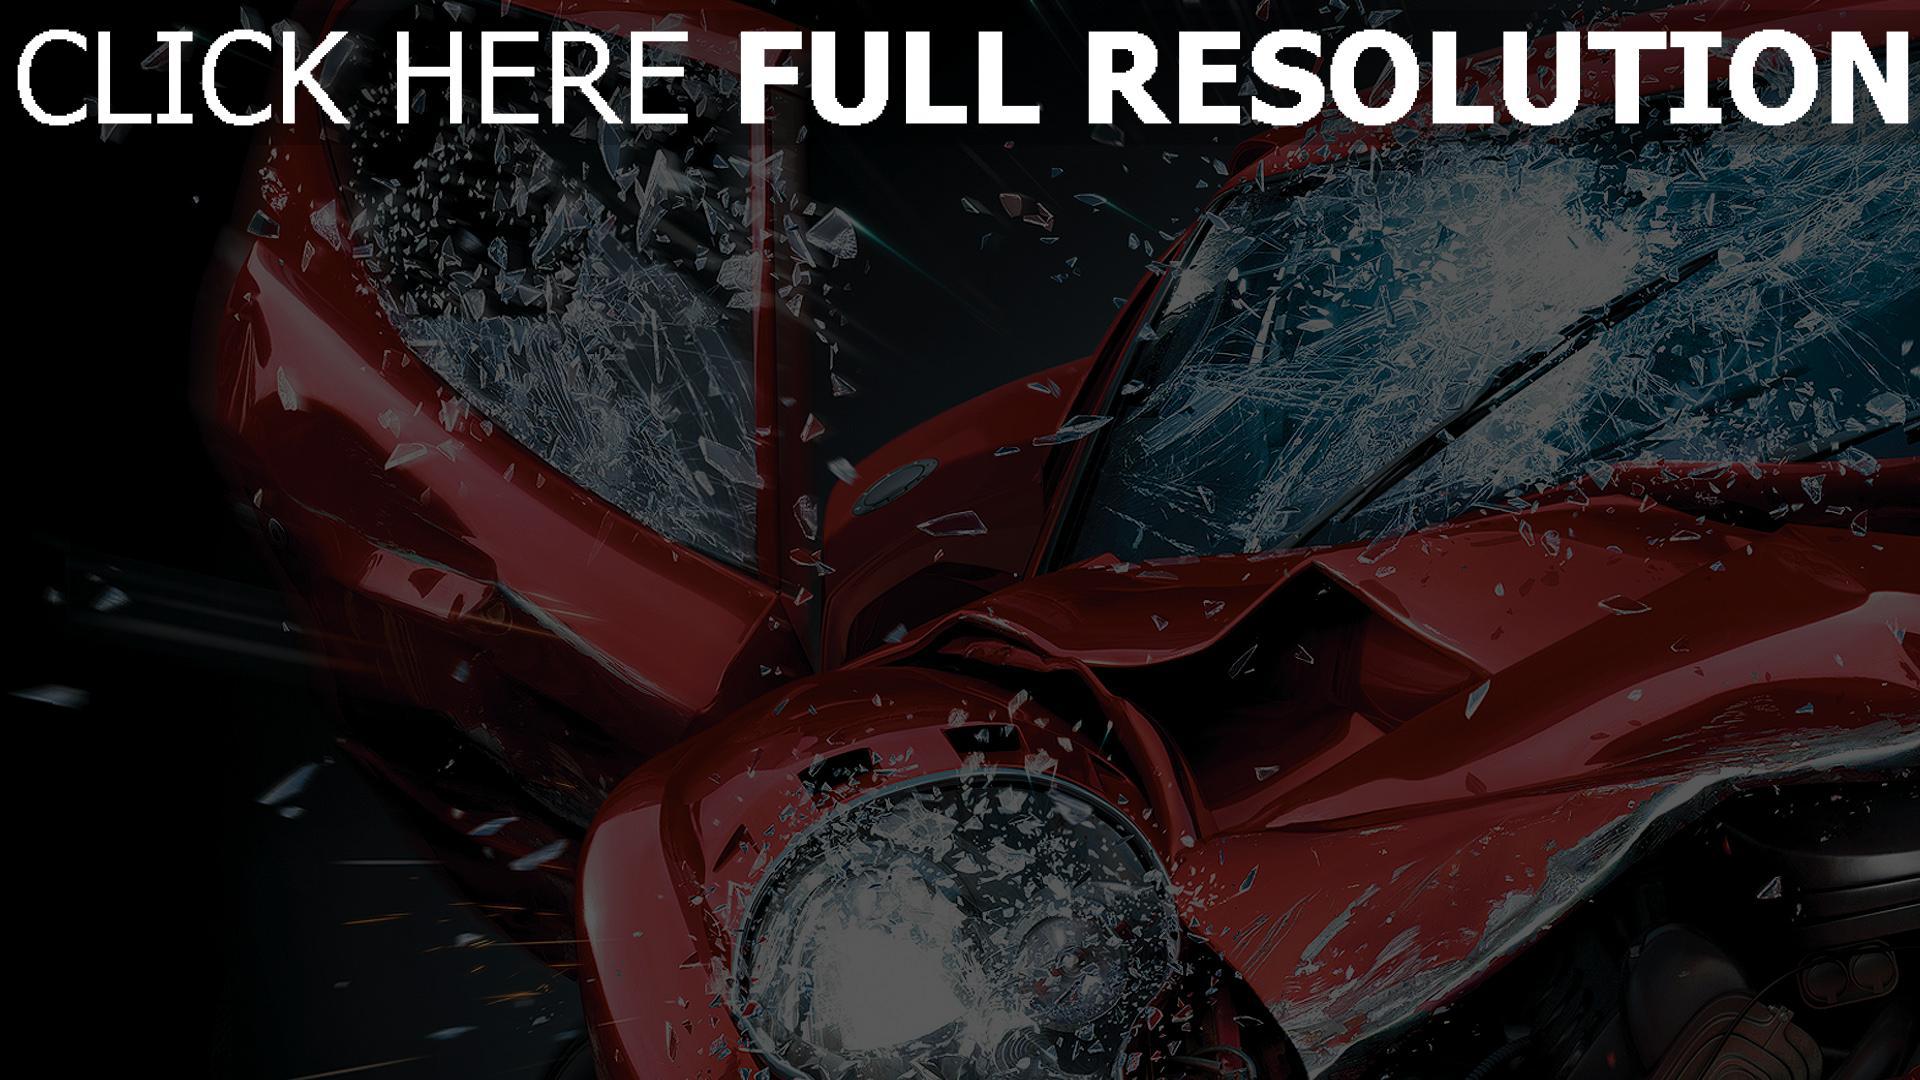 fond d'écran 1920x1080 voiture de sport collision éclaboussure pare-brise